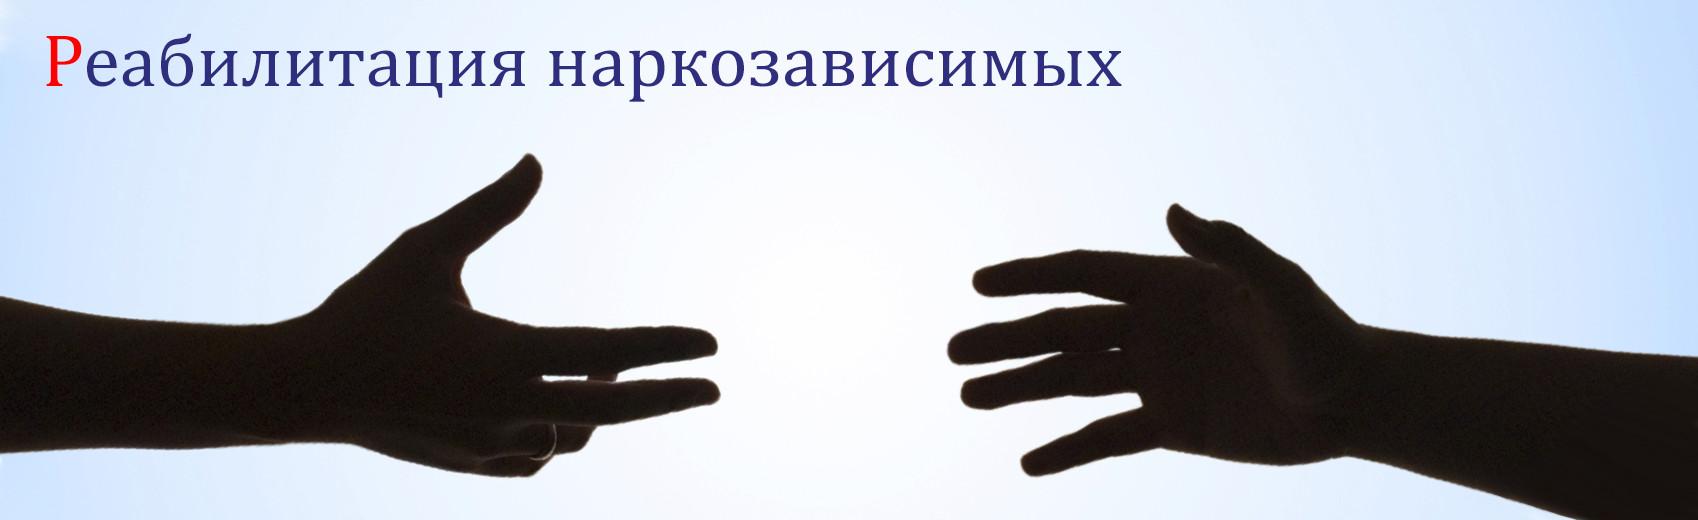 реабилитация для наркозависимых в Калаче-на-Дону